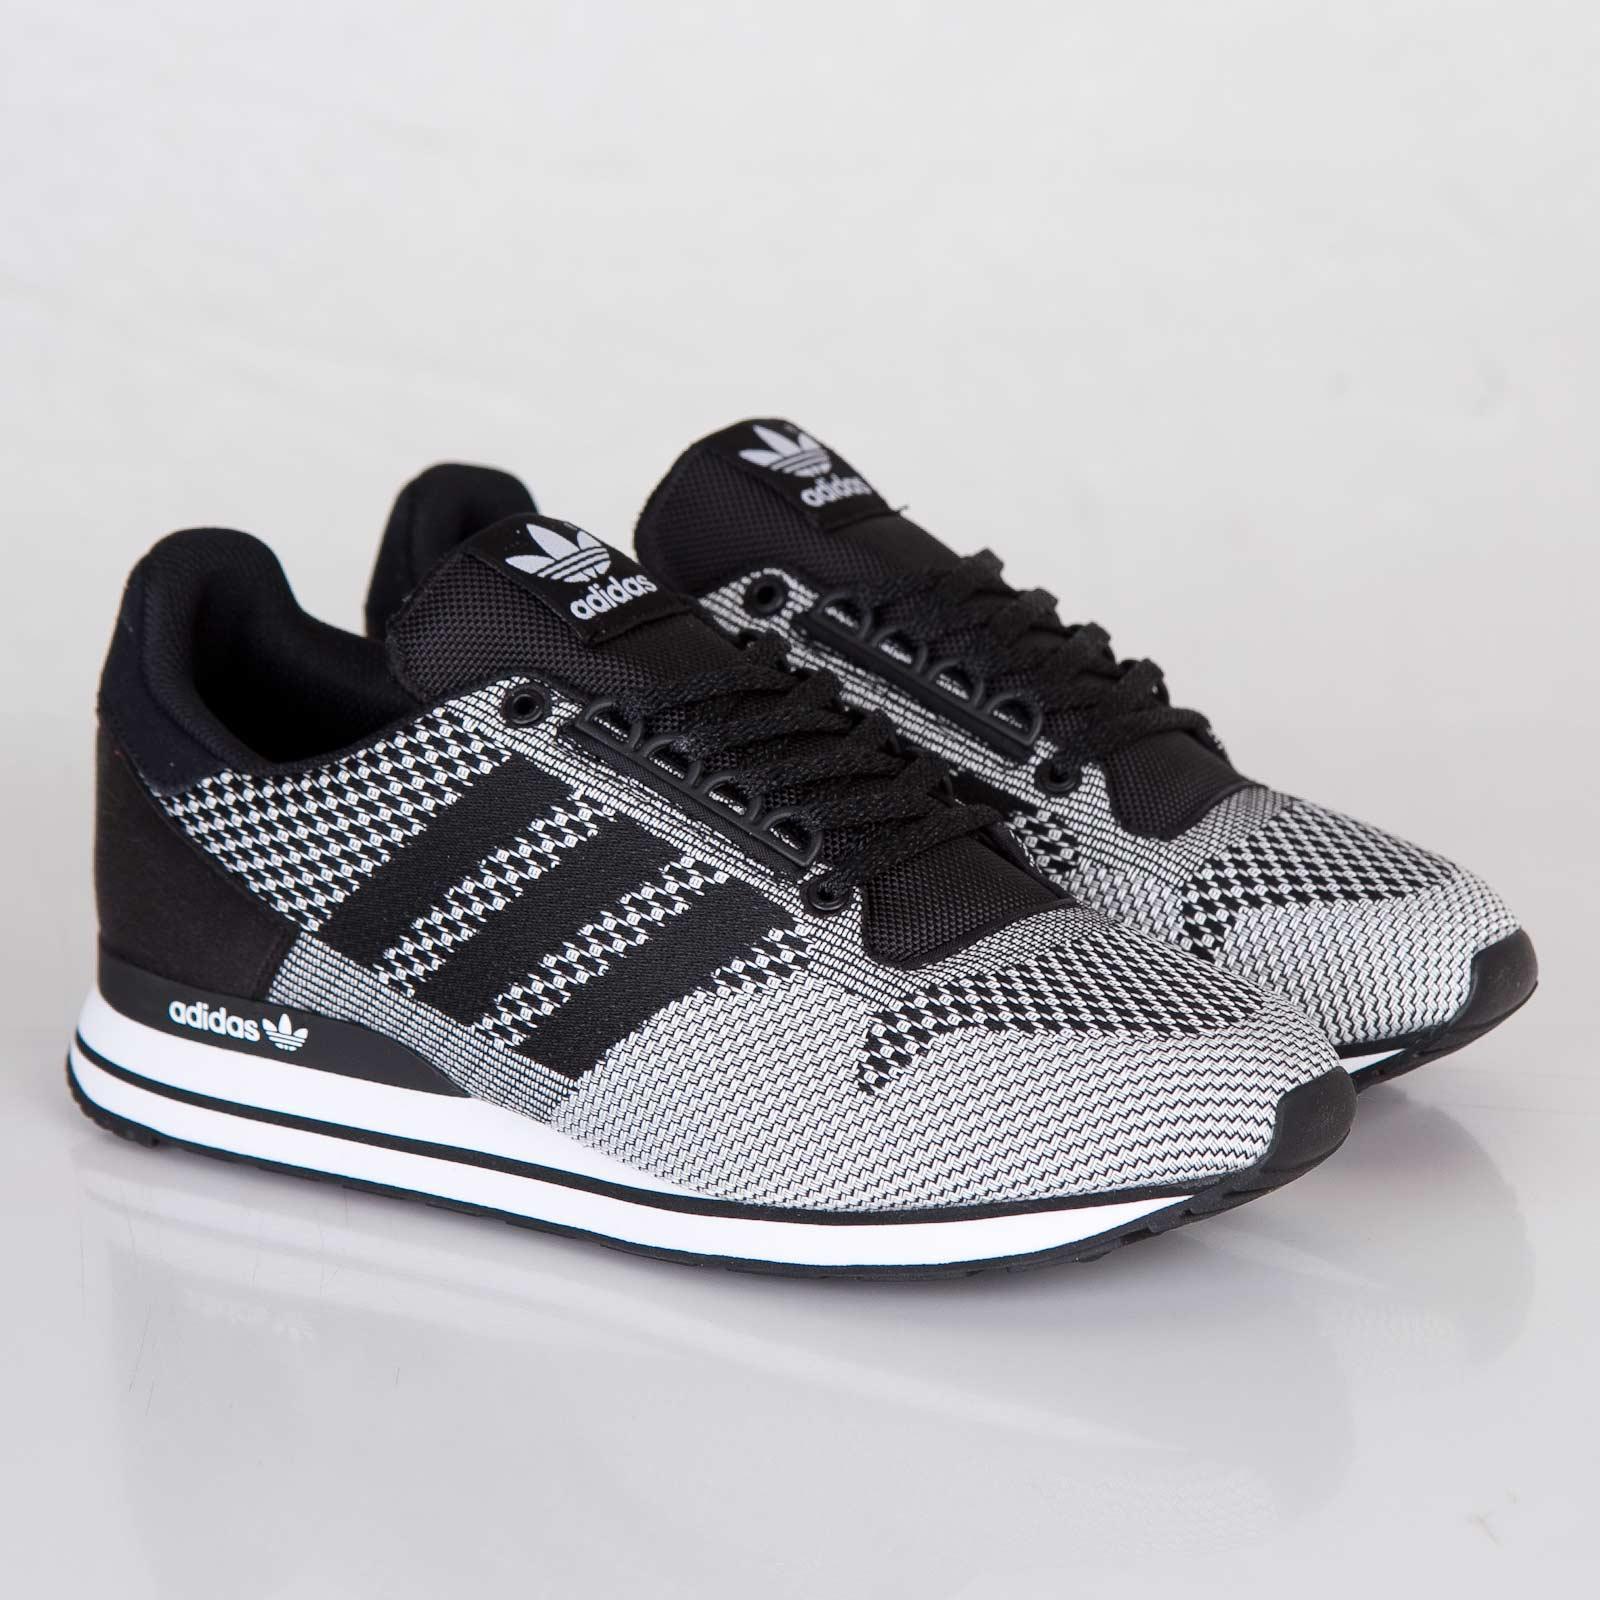 adidas zx 500 weave og